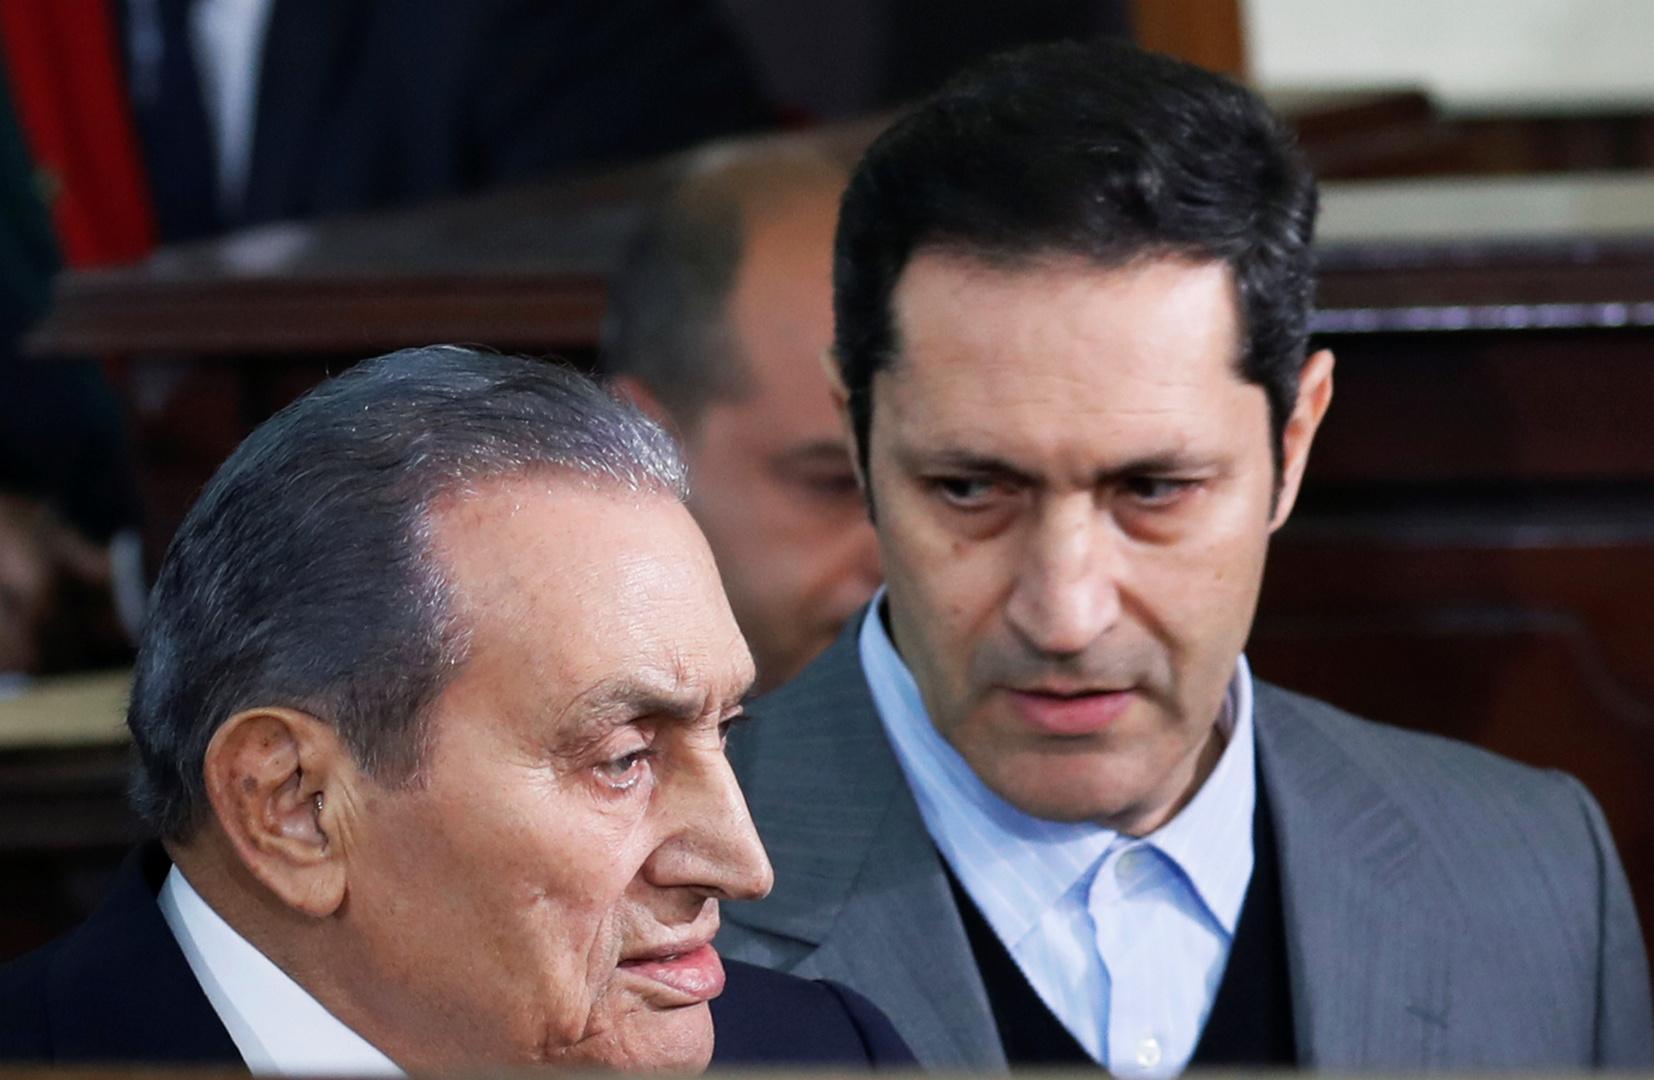 الرئيس المصري الراحل، محمد حسني مبارك وابنه علاء